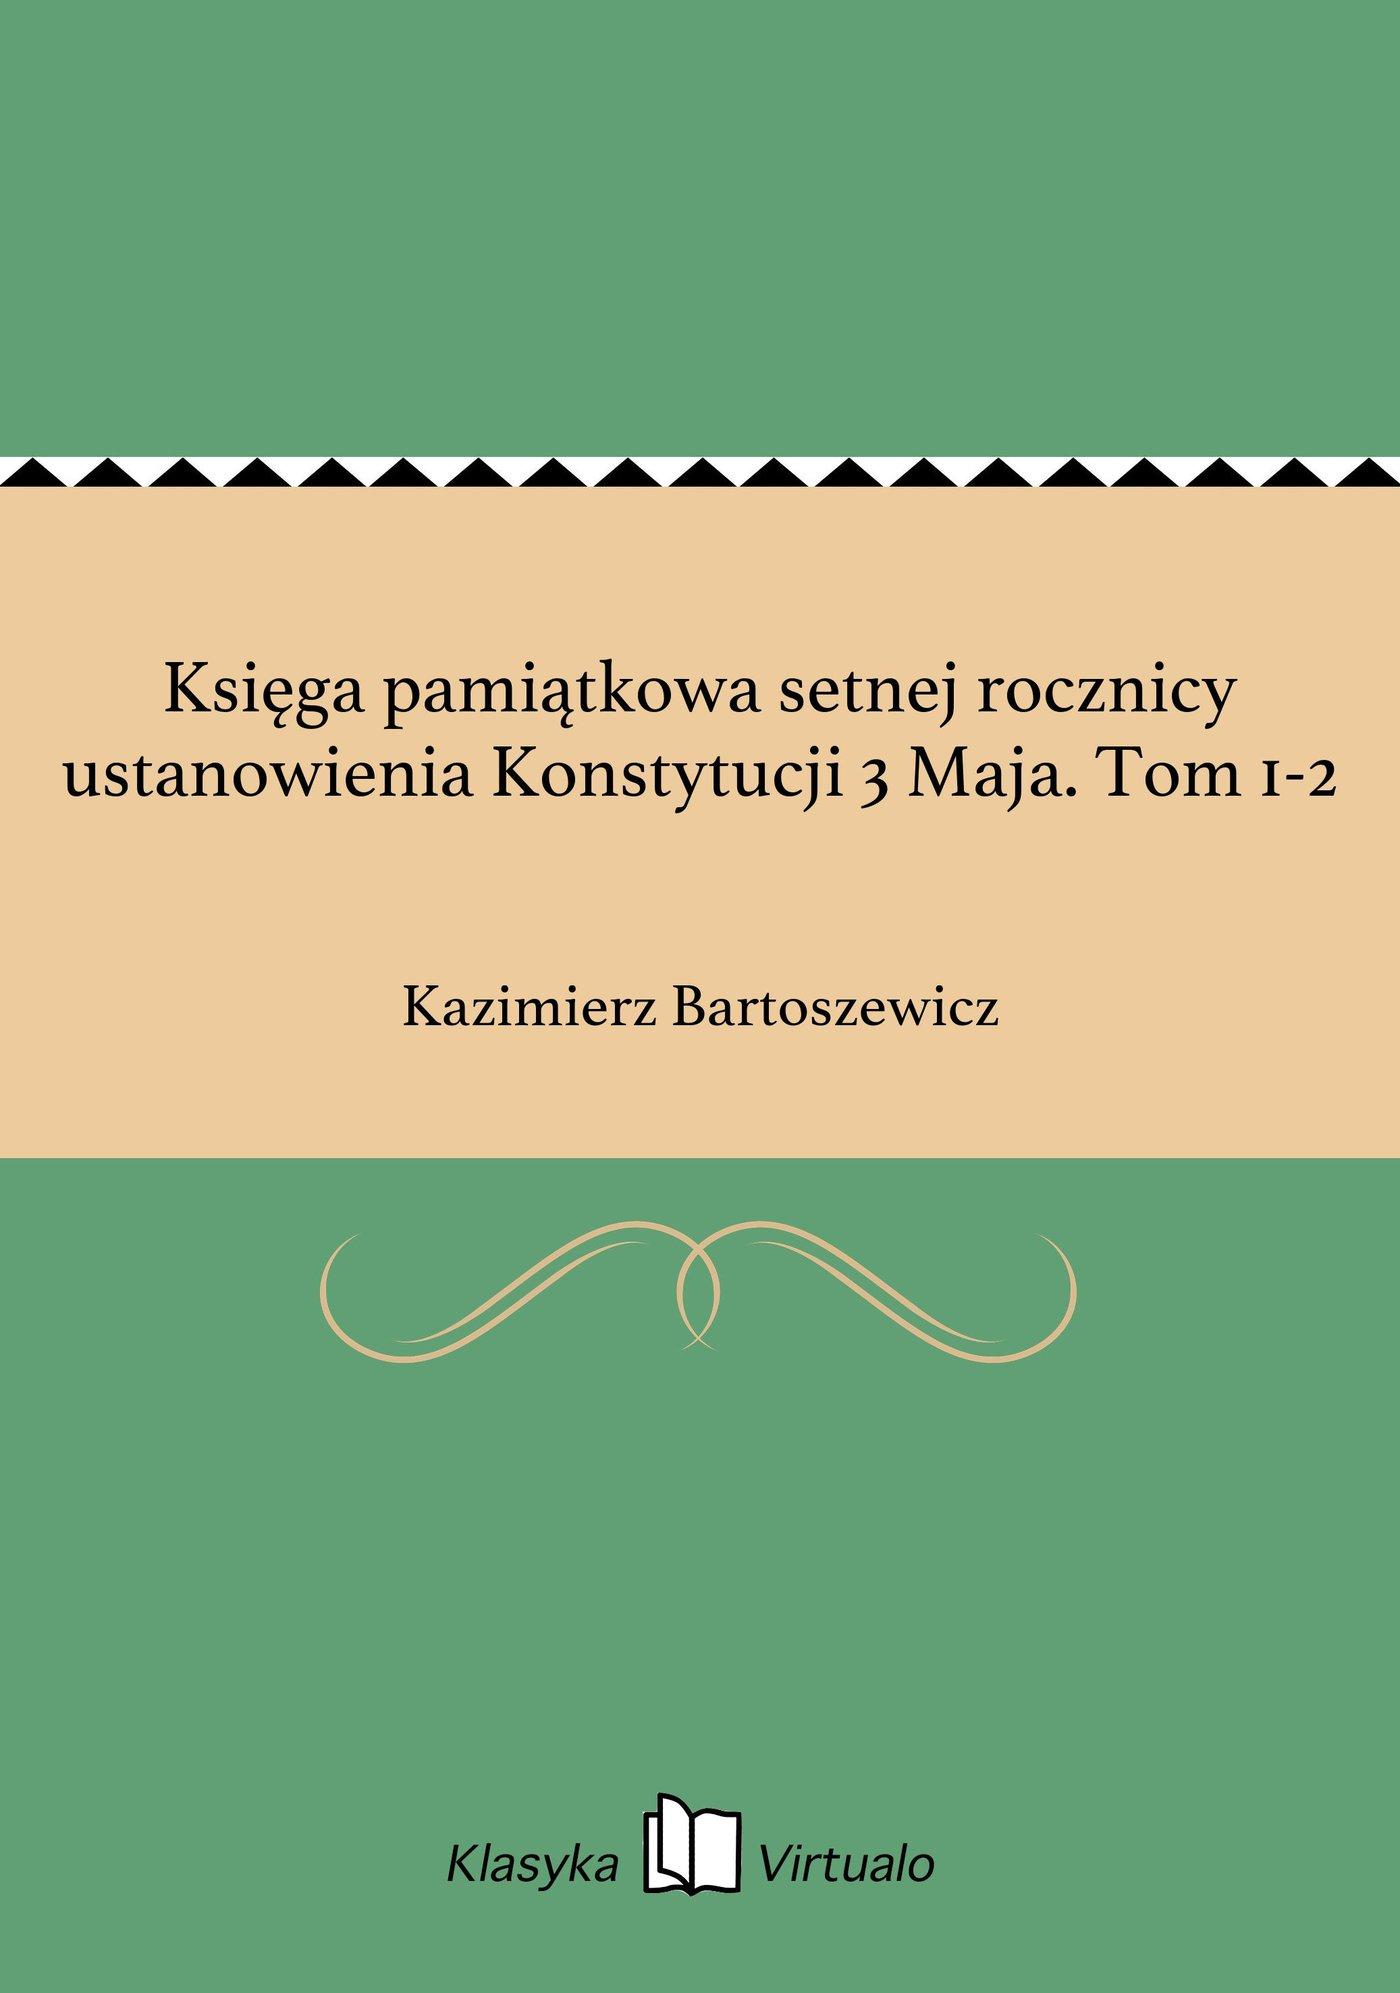 Księga pamiątkowa setnej rocznicy ustanowienia Konstytucji 3 Maja. Tom 1-2 - Ebook (Książka EPUB) do pobrania w formacie EPUB